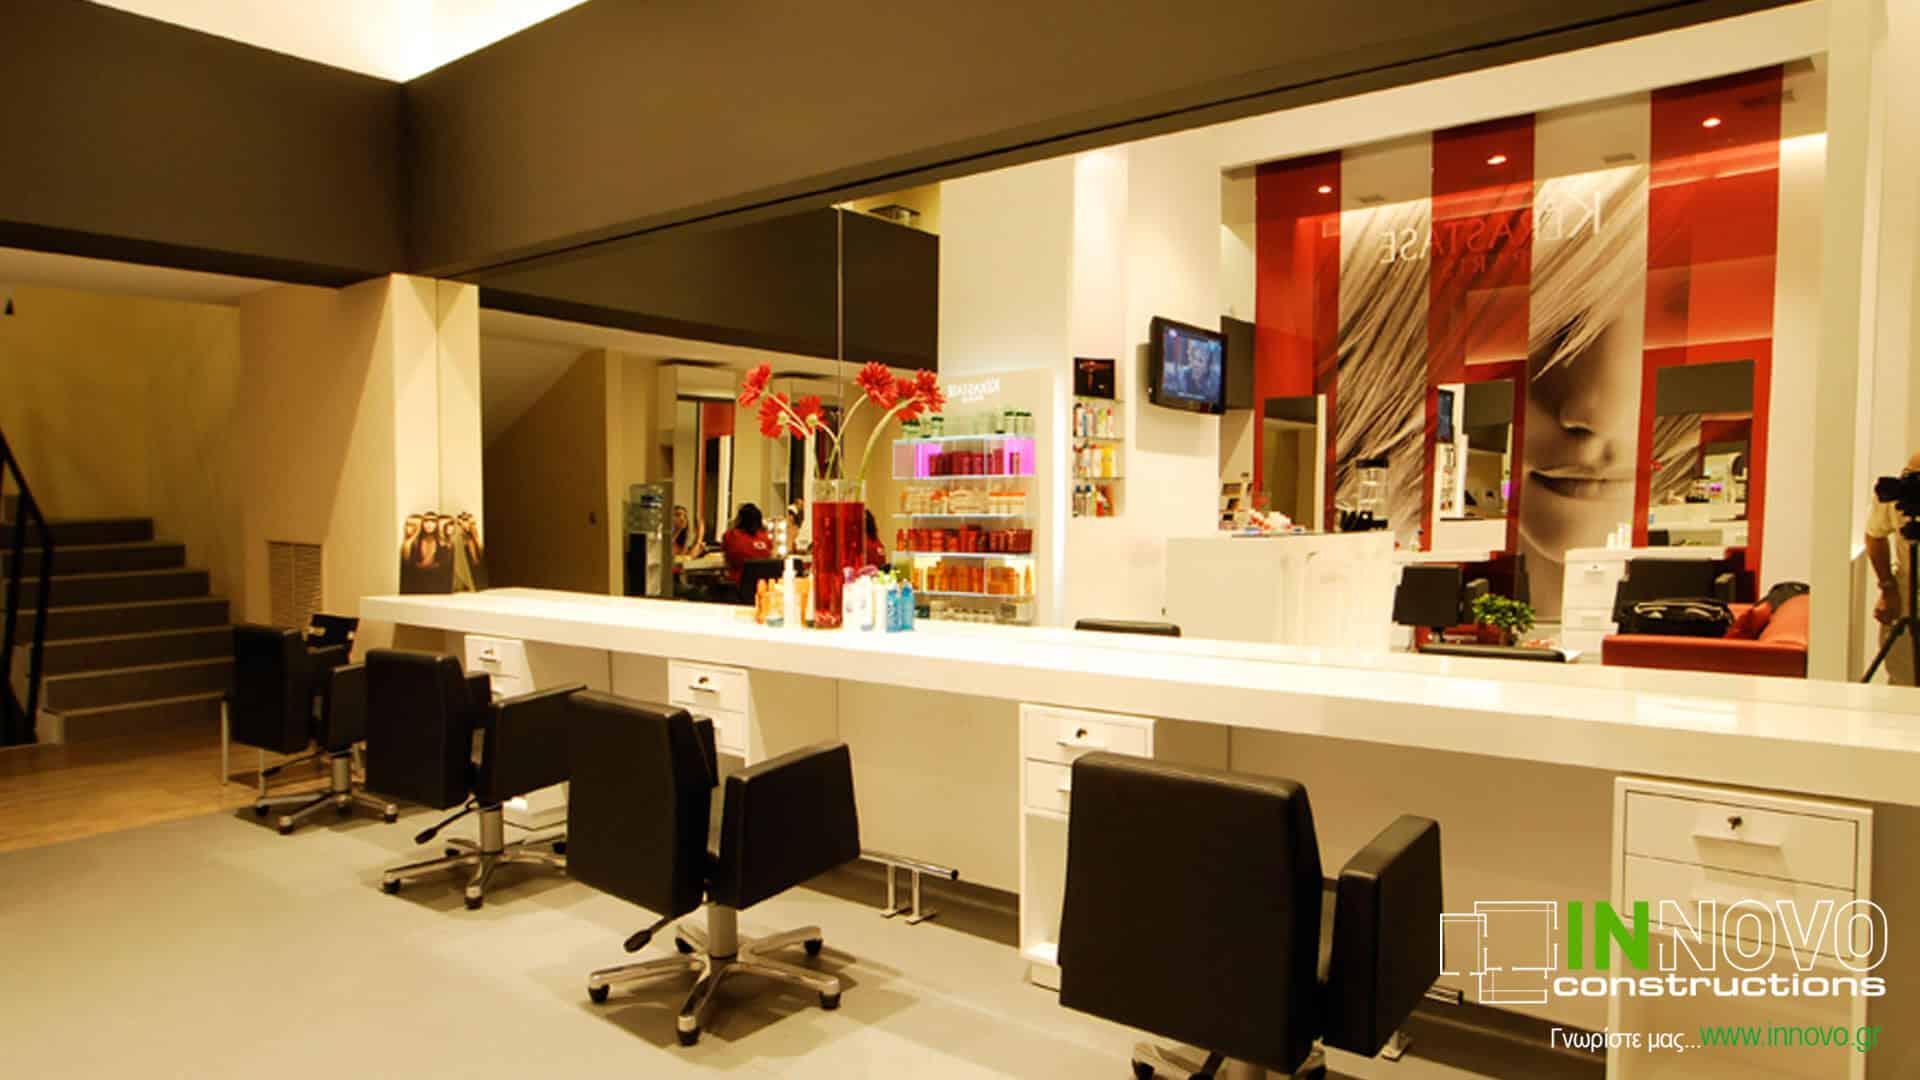 diakosmisi-kommotiriou-hairdressers-design-kommotirio-lazarou-869-7